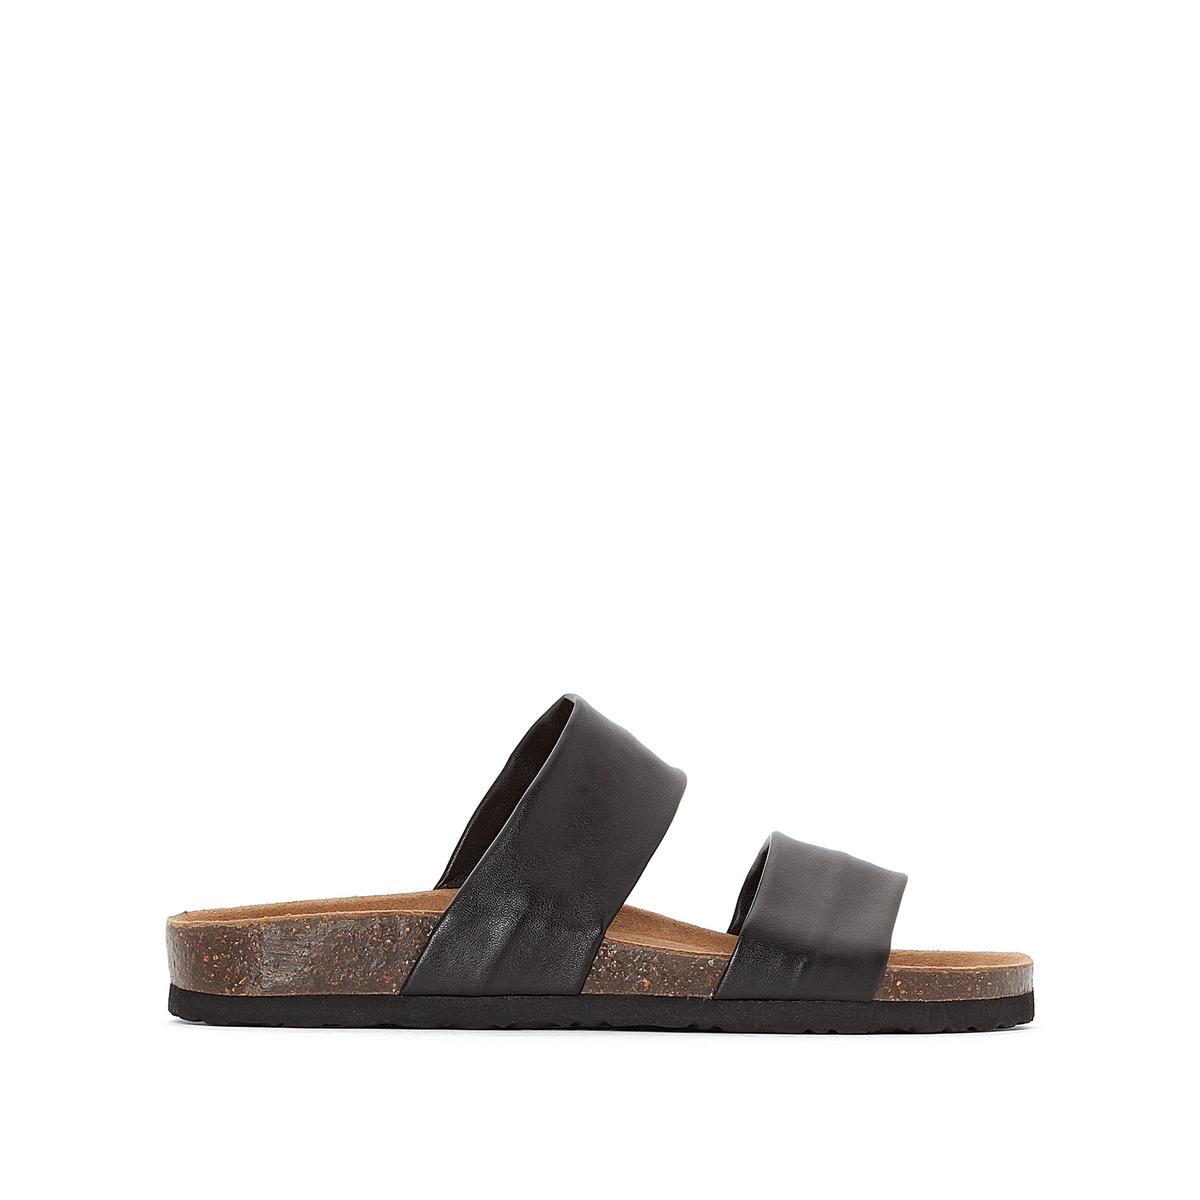 Туфли-сабо без задника с двойным ремешком кожаные, Angy